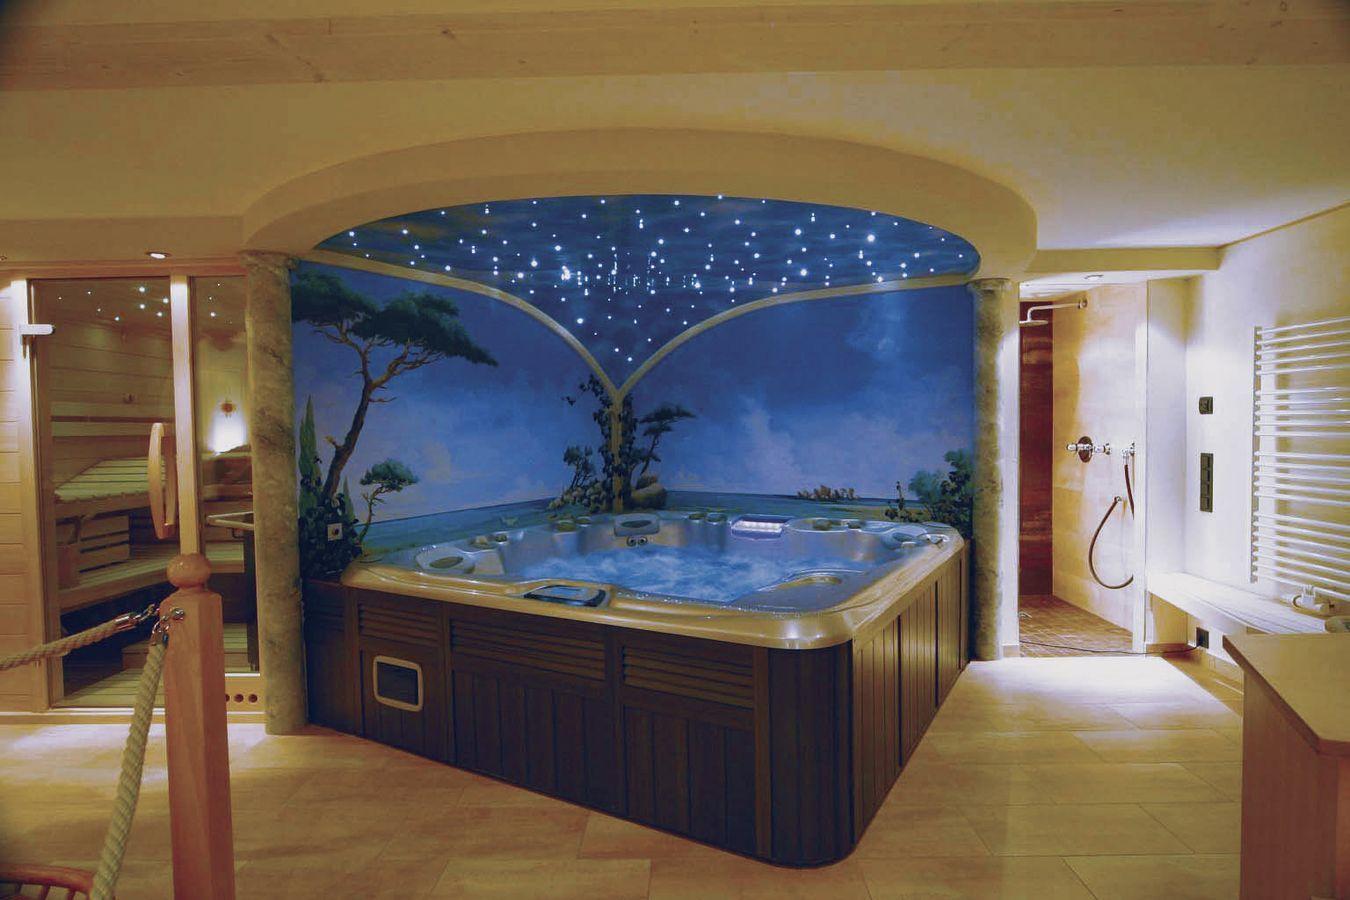 een wellness plekje in huis een jacuzzi sauna en. Black Bedroom Furniture Sets. Home Design Ideas